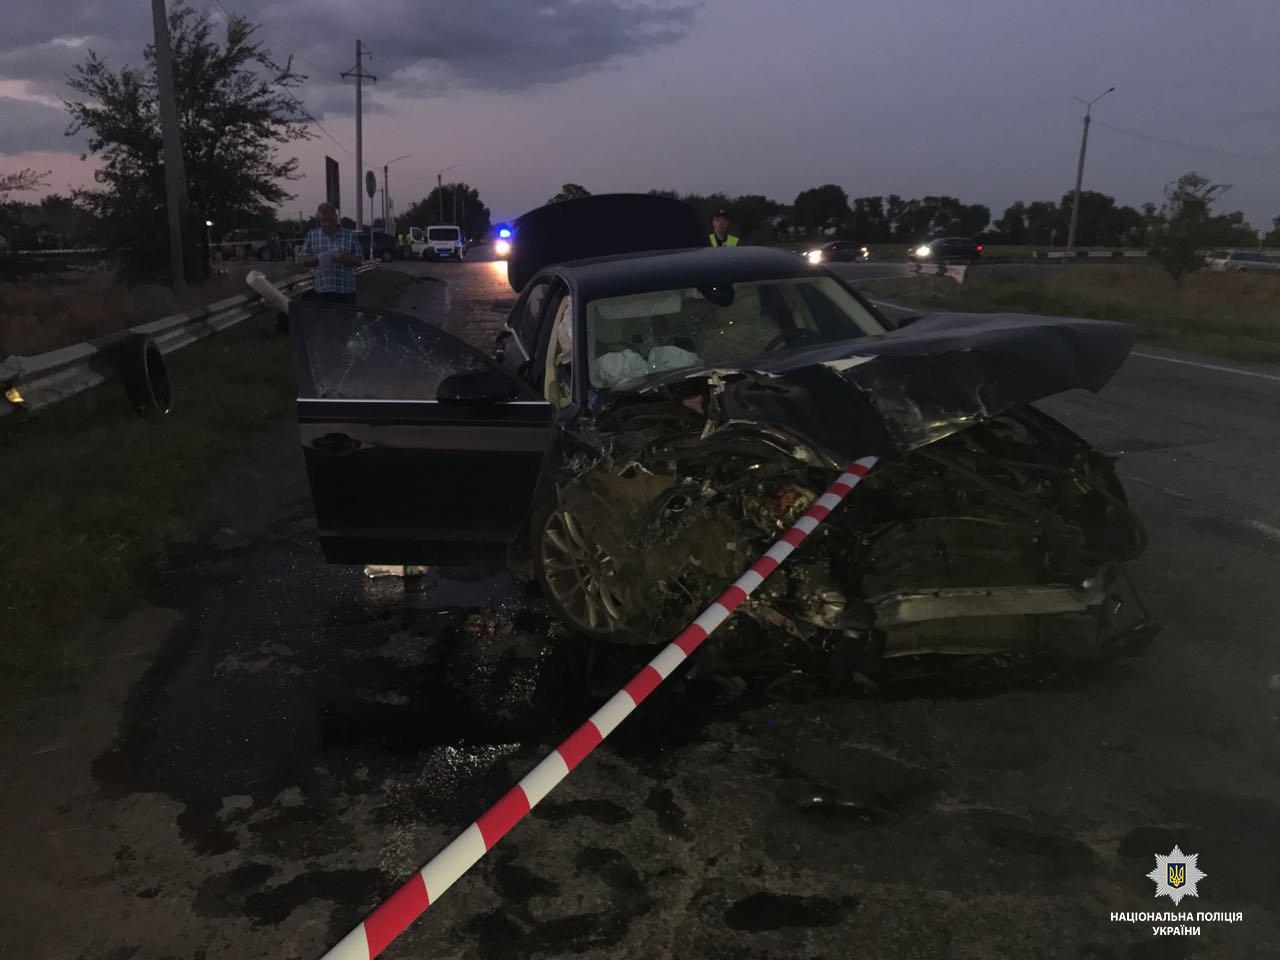 Смертельная авария с рейсовым автобусом под Днепром: стала известна причина ДТП и другие подробности, - ФОТО, ВИДЕО, фото-3